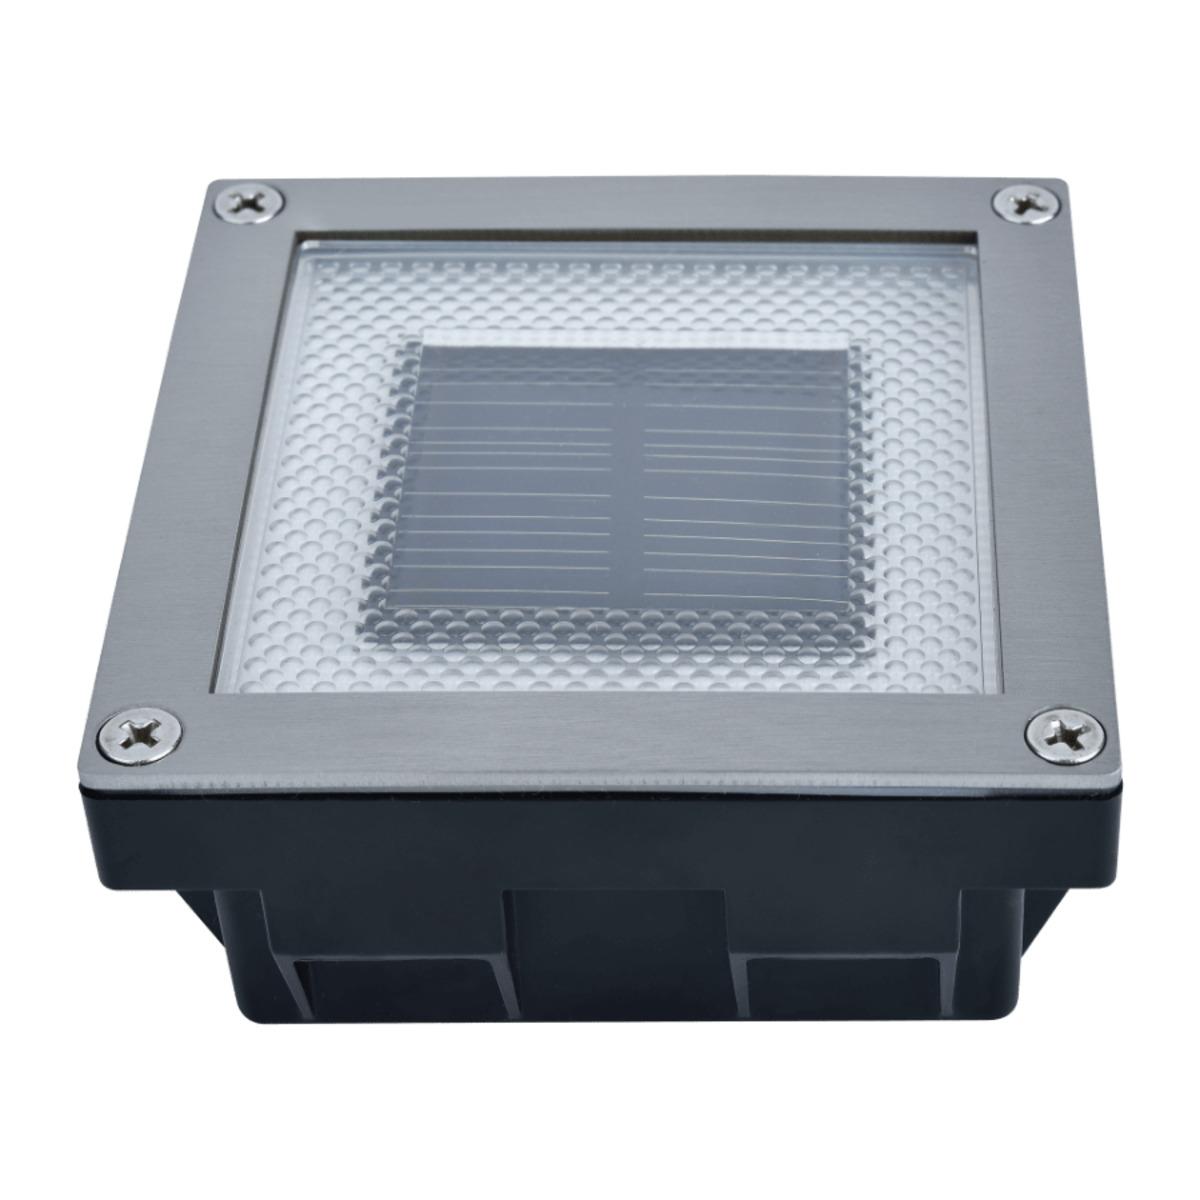 Bild 5 von LIGHTZONE     Solar-Bodeneinbaustrahler